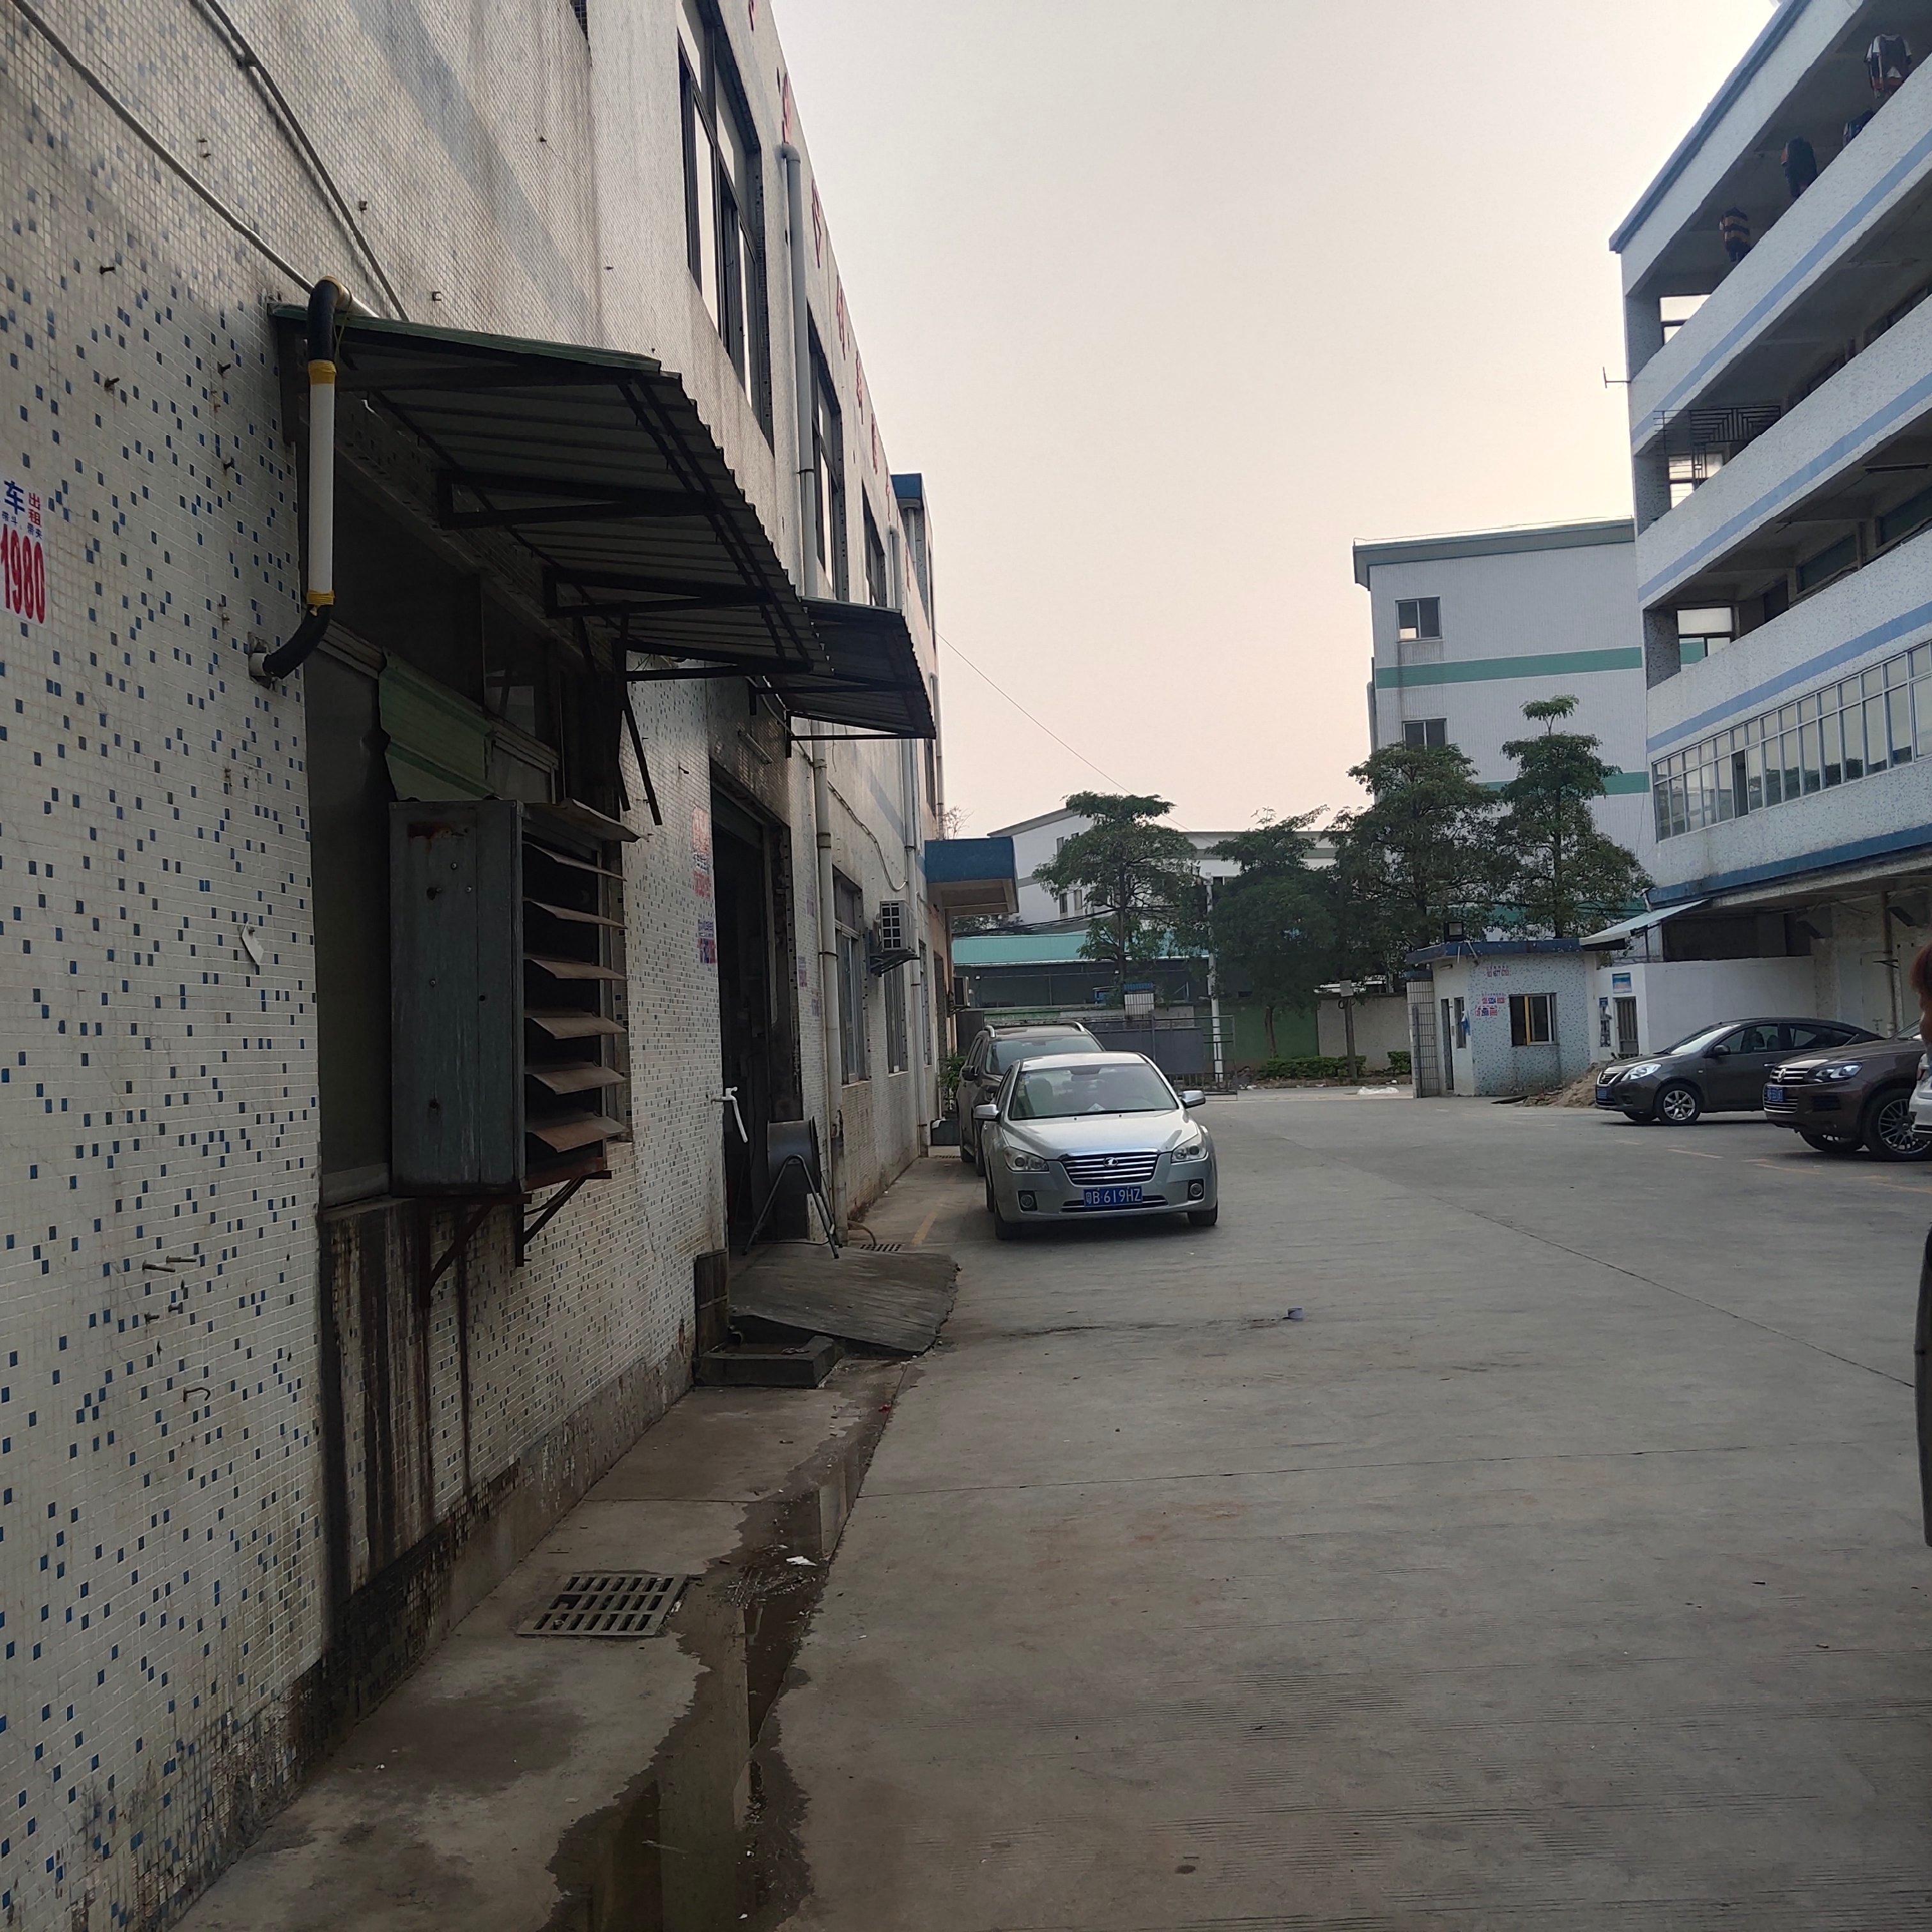 黄江镇原房东分租一楼400平方出租带现成注塑环评及行车